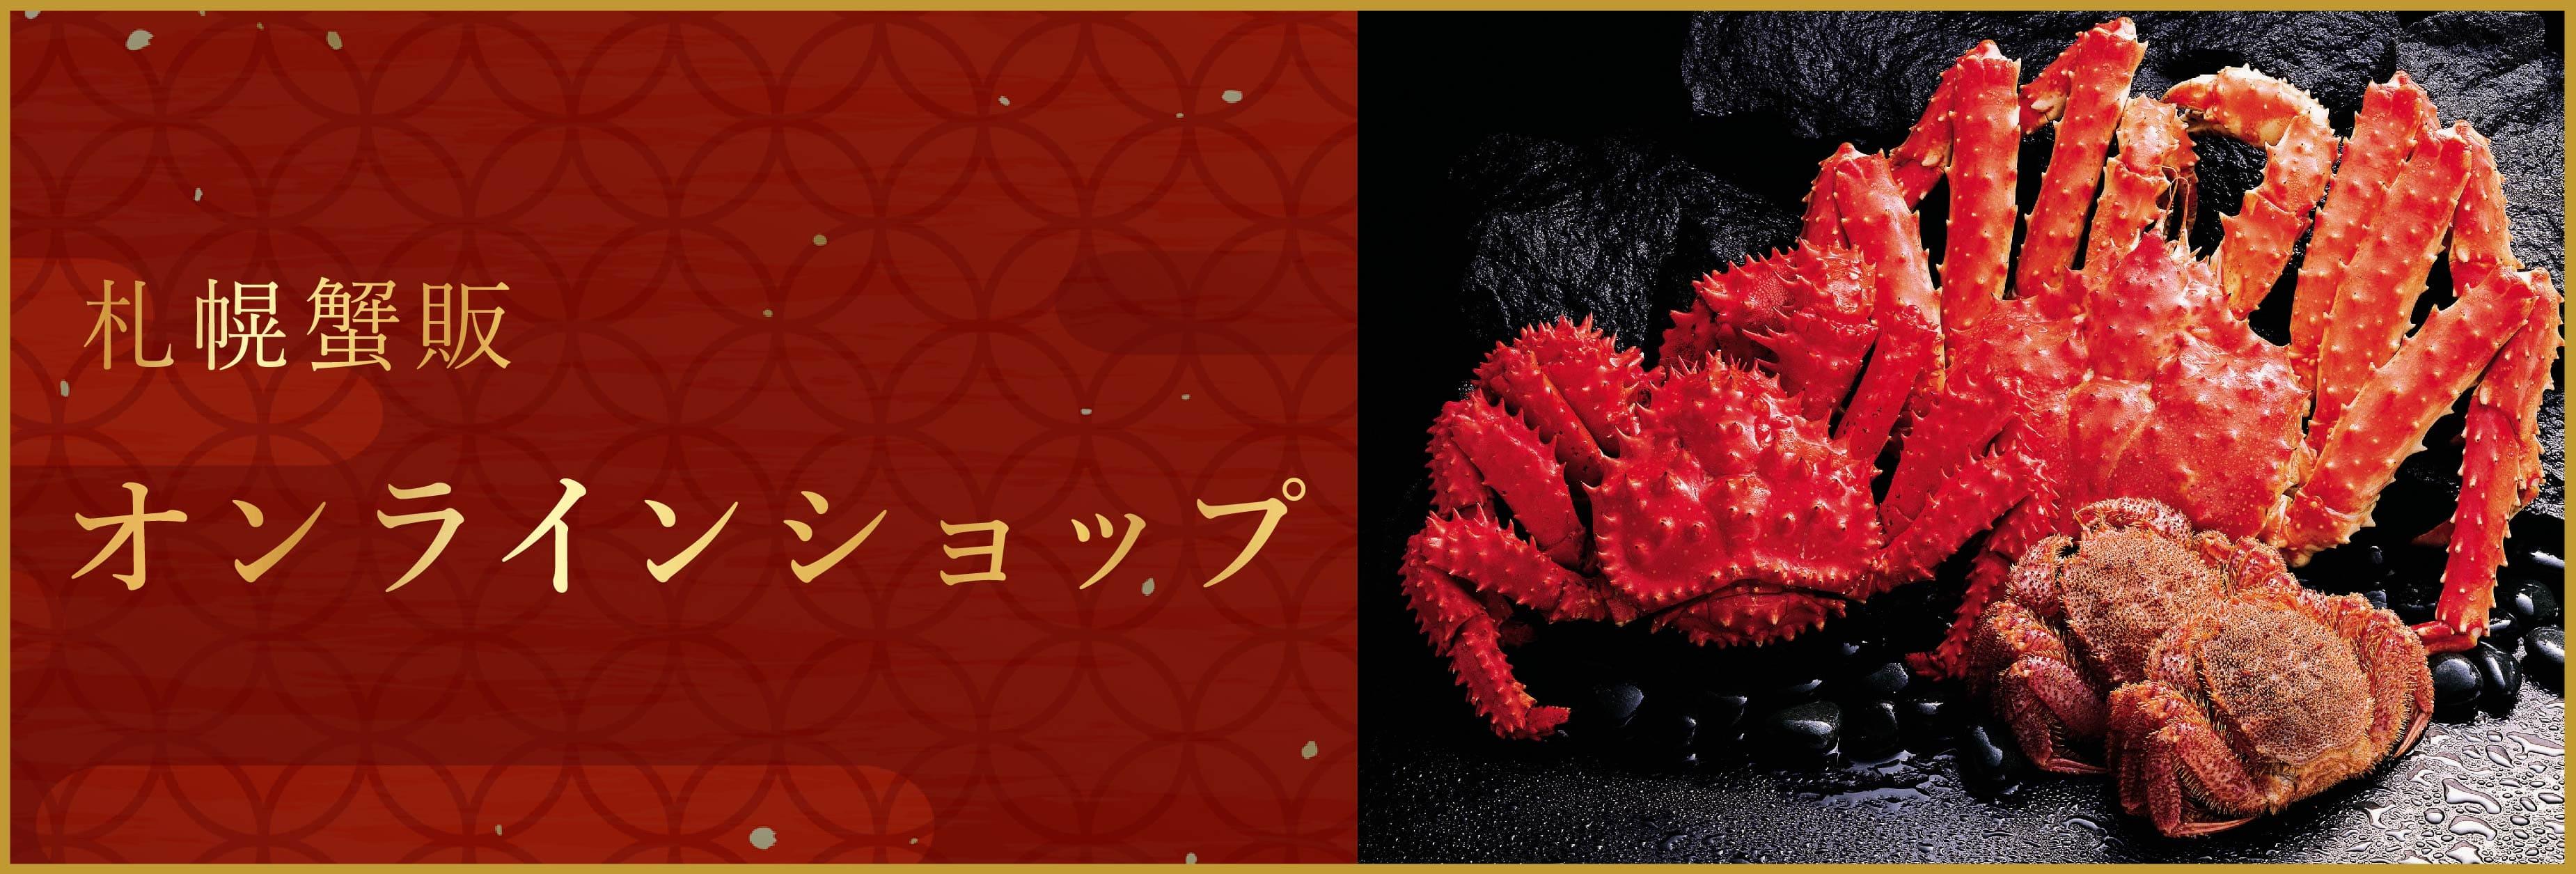 札幌蟹販オンラインショップ